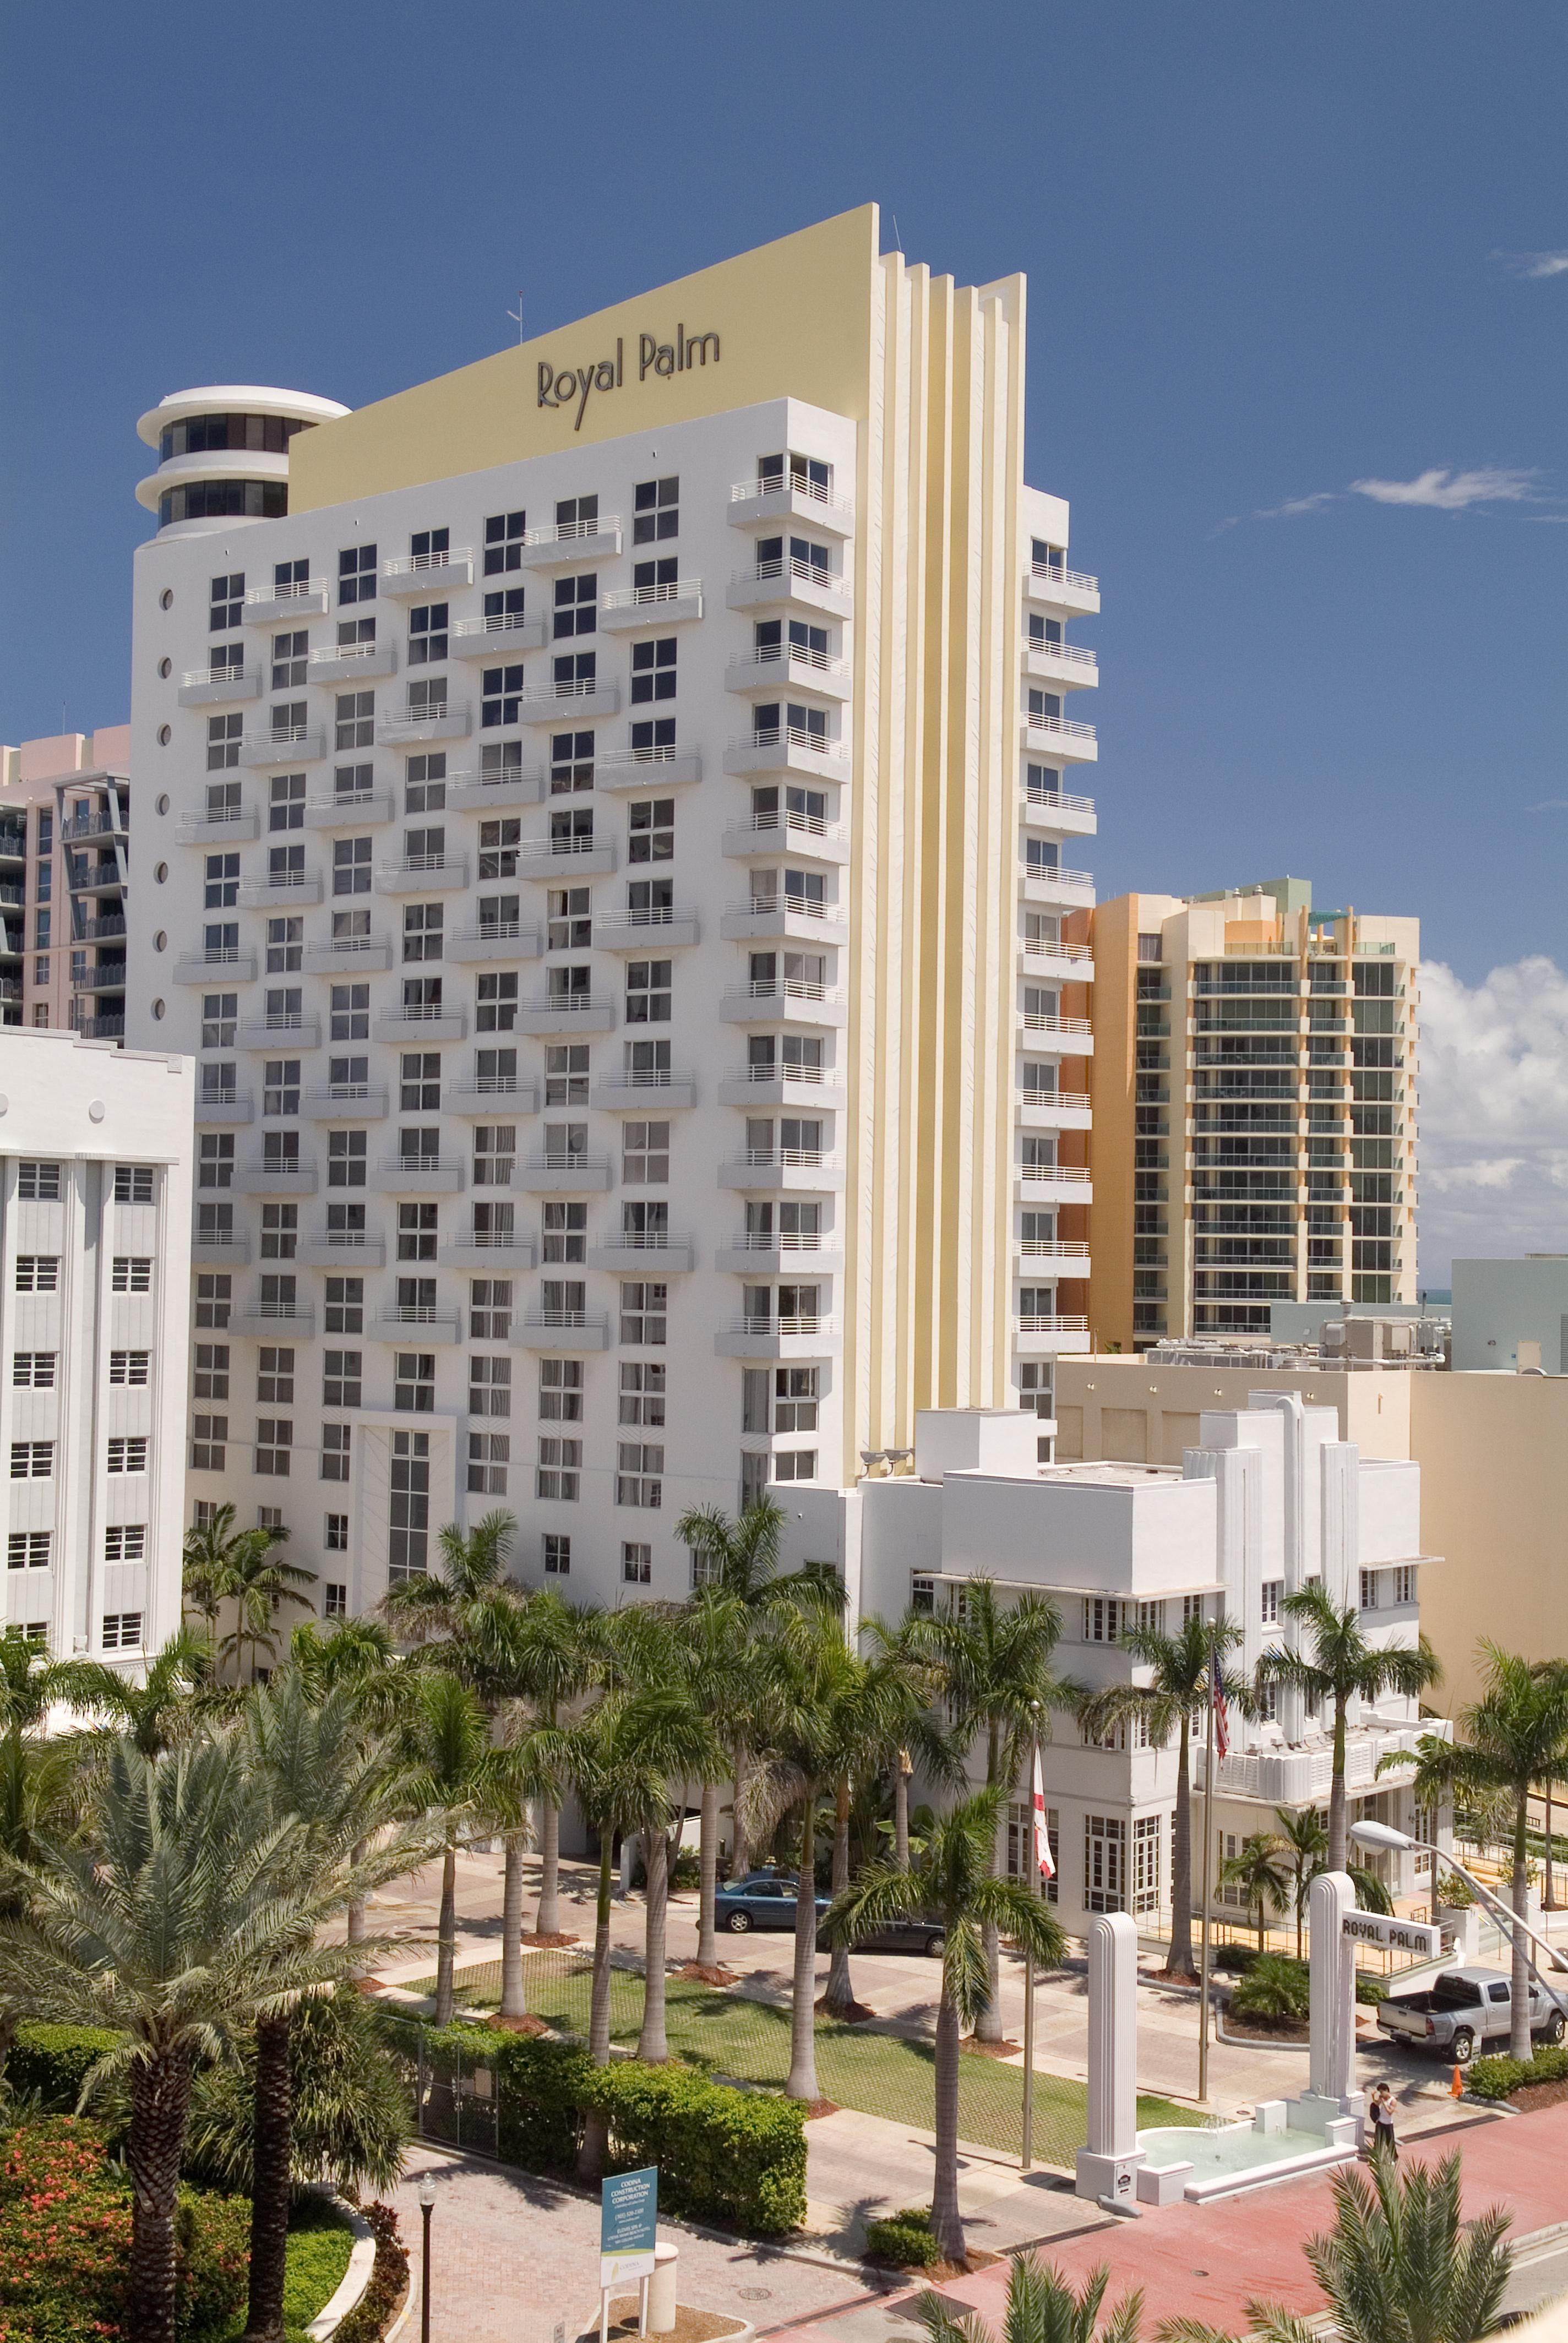 The Royal Palm Miami South Beach